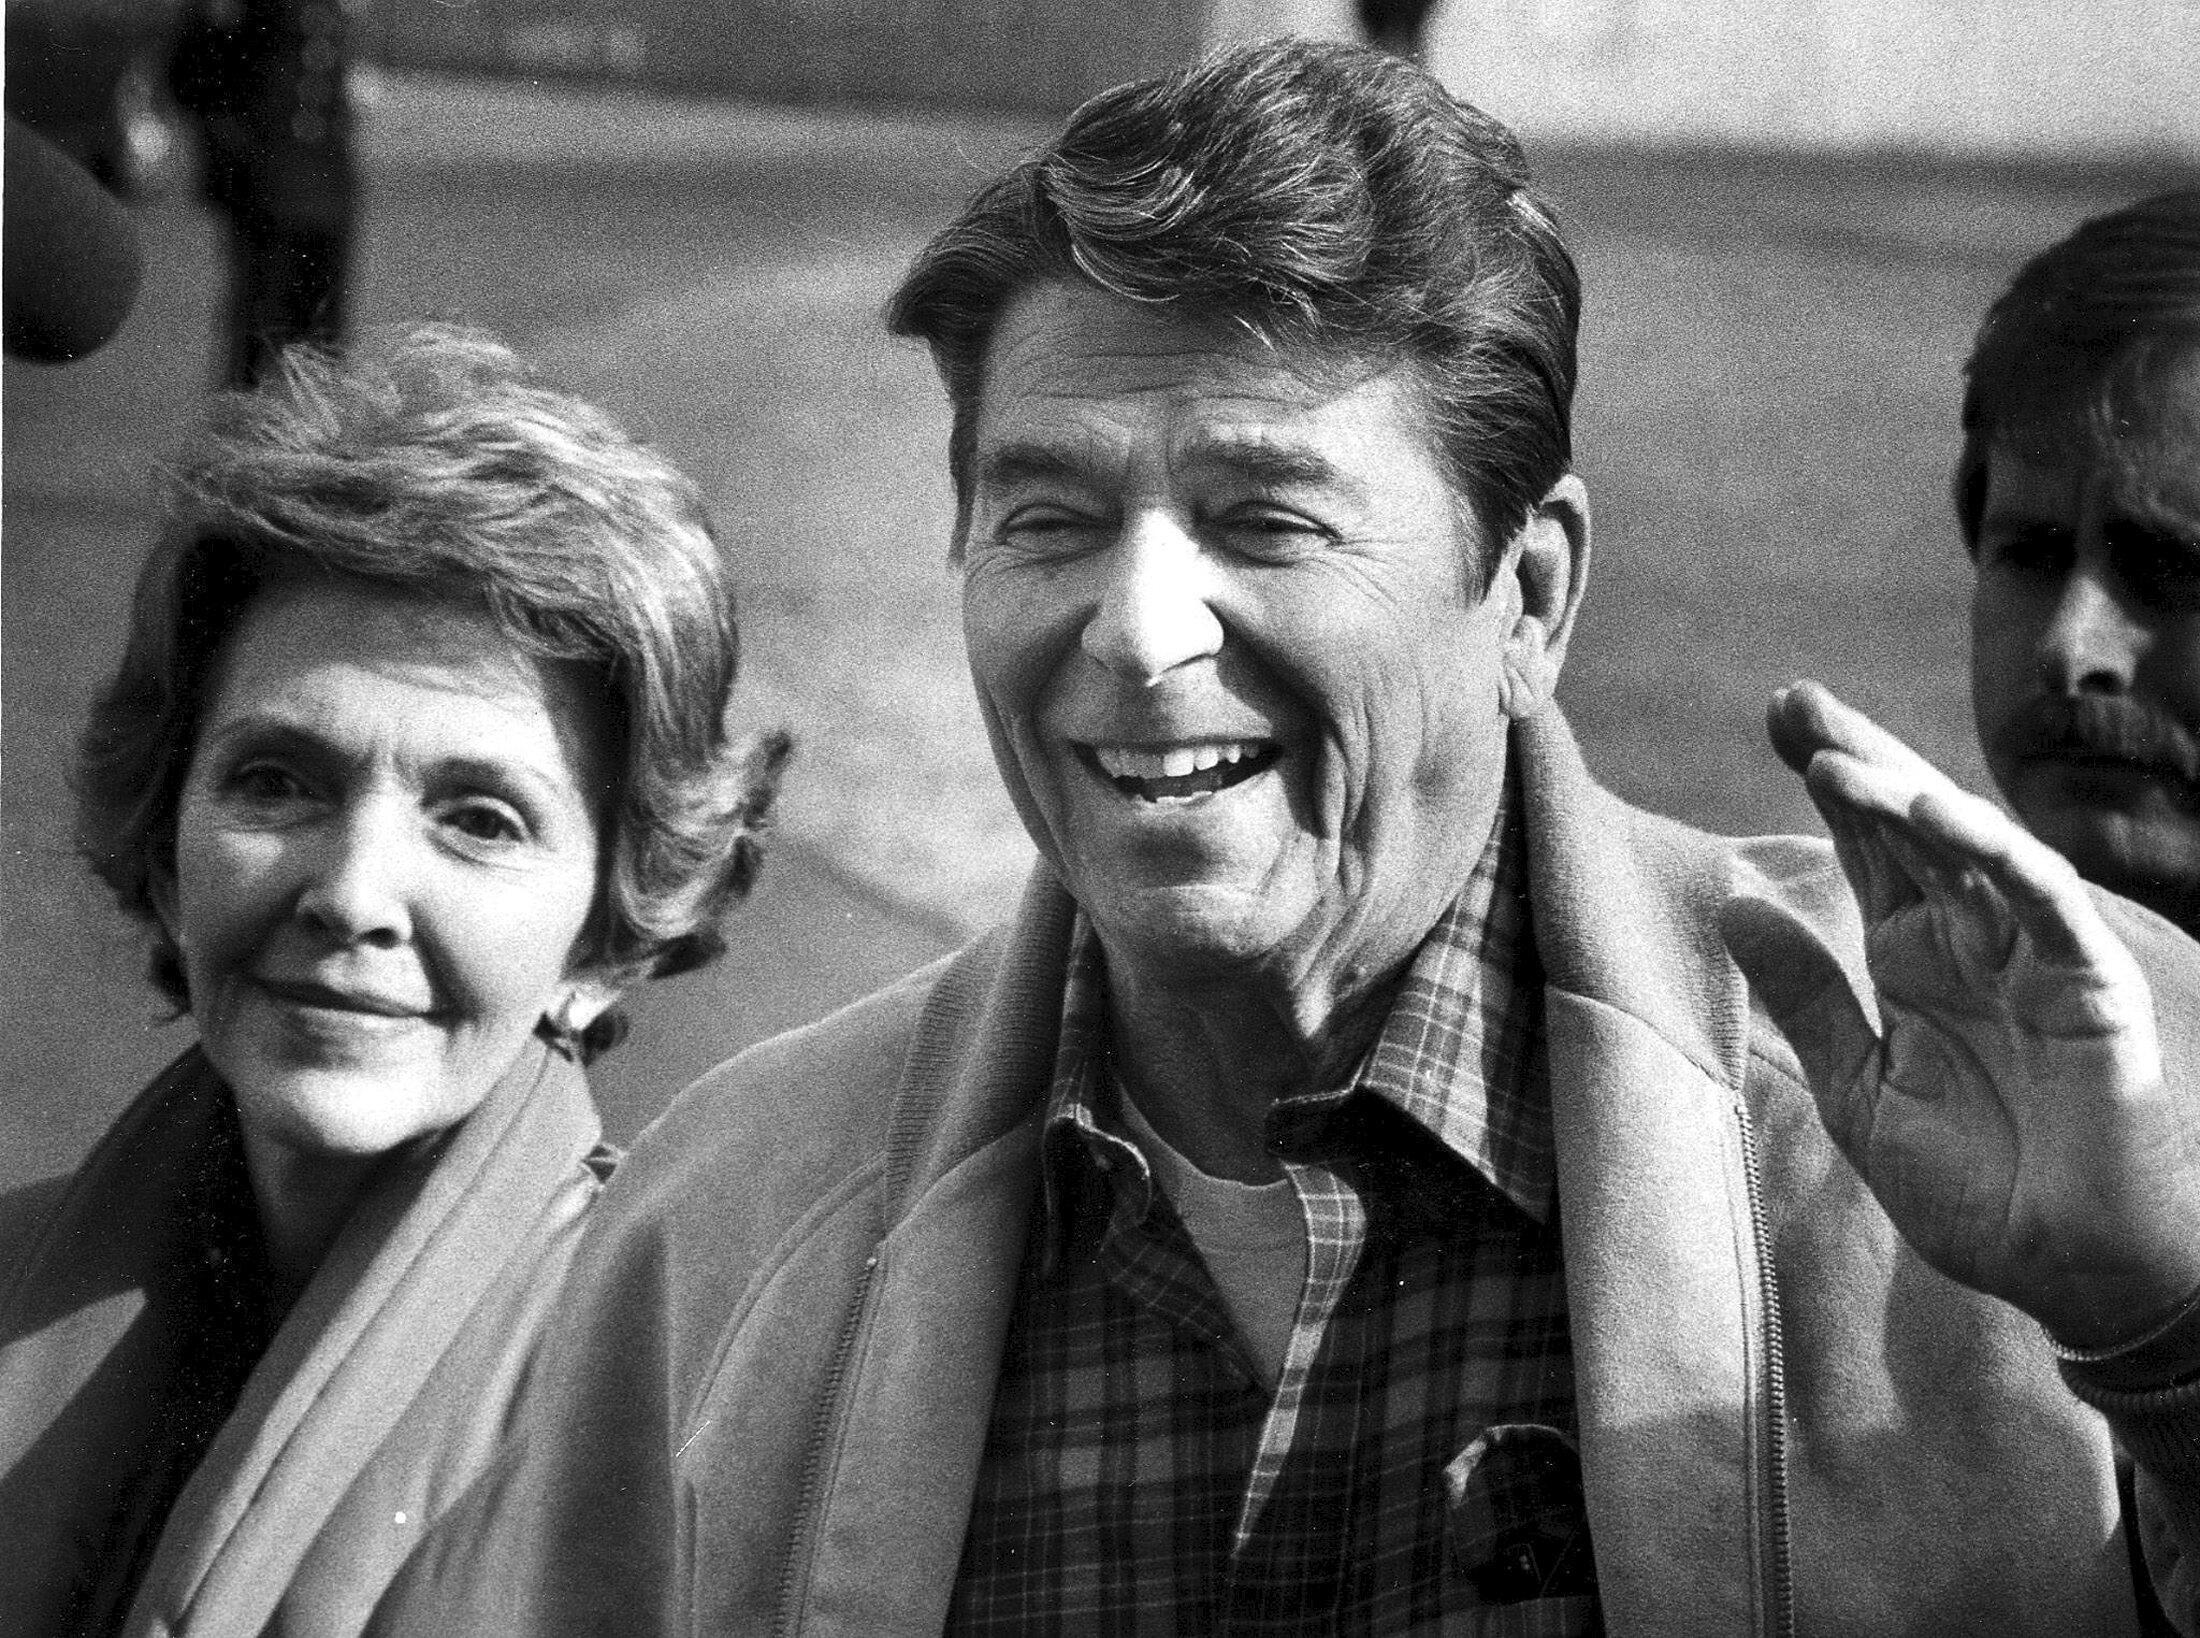 Le président des États-Unis Ronald Reagan et la Première dame Nancy Reagan, en 1982. Il est le 40ᵉ président des États-Unis, en fonction du 20 janvier 1981 au 20 janvier 1989.